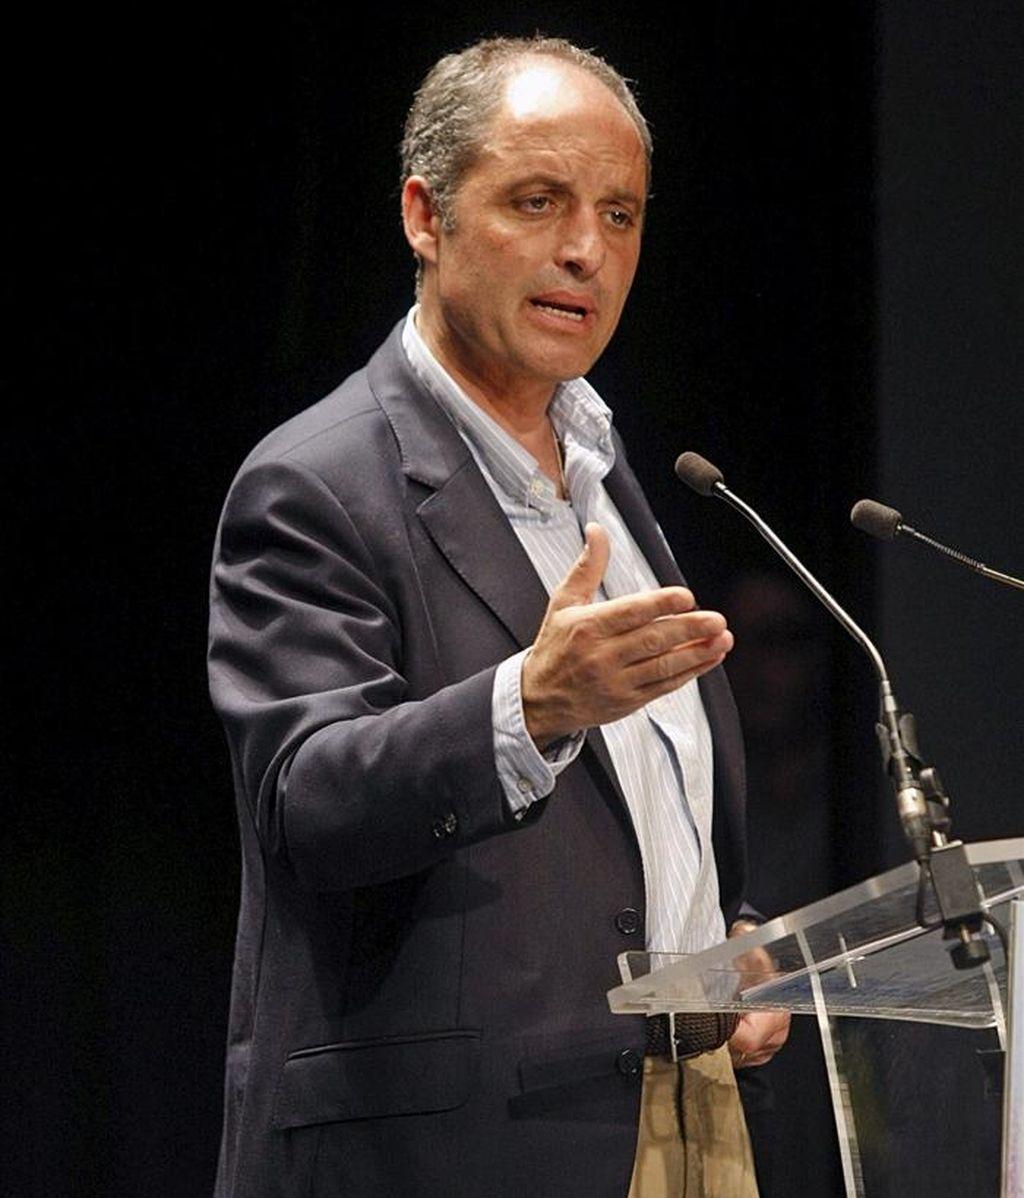 El presidente de la Generalitat, Francisco Camps. EFE/Archivo